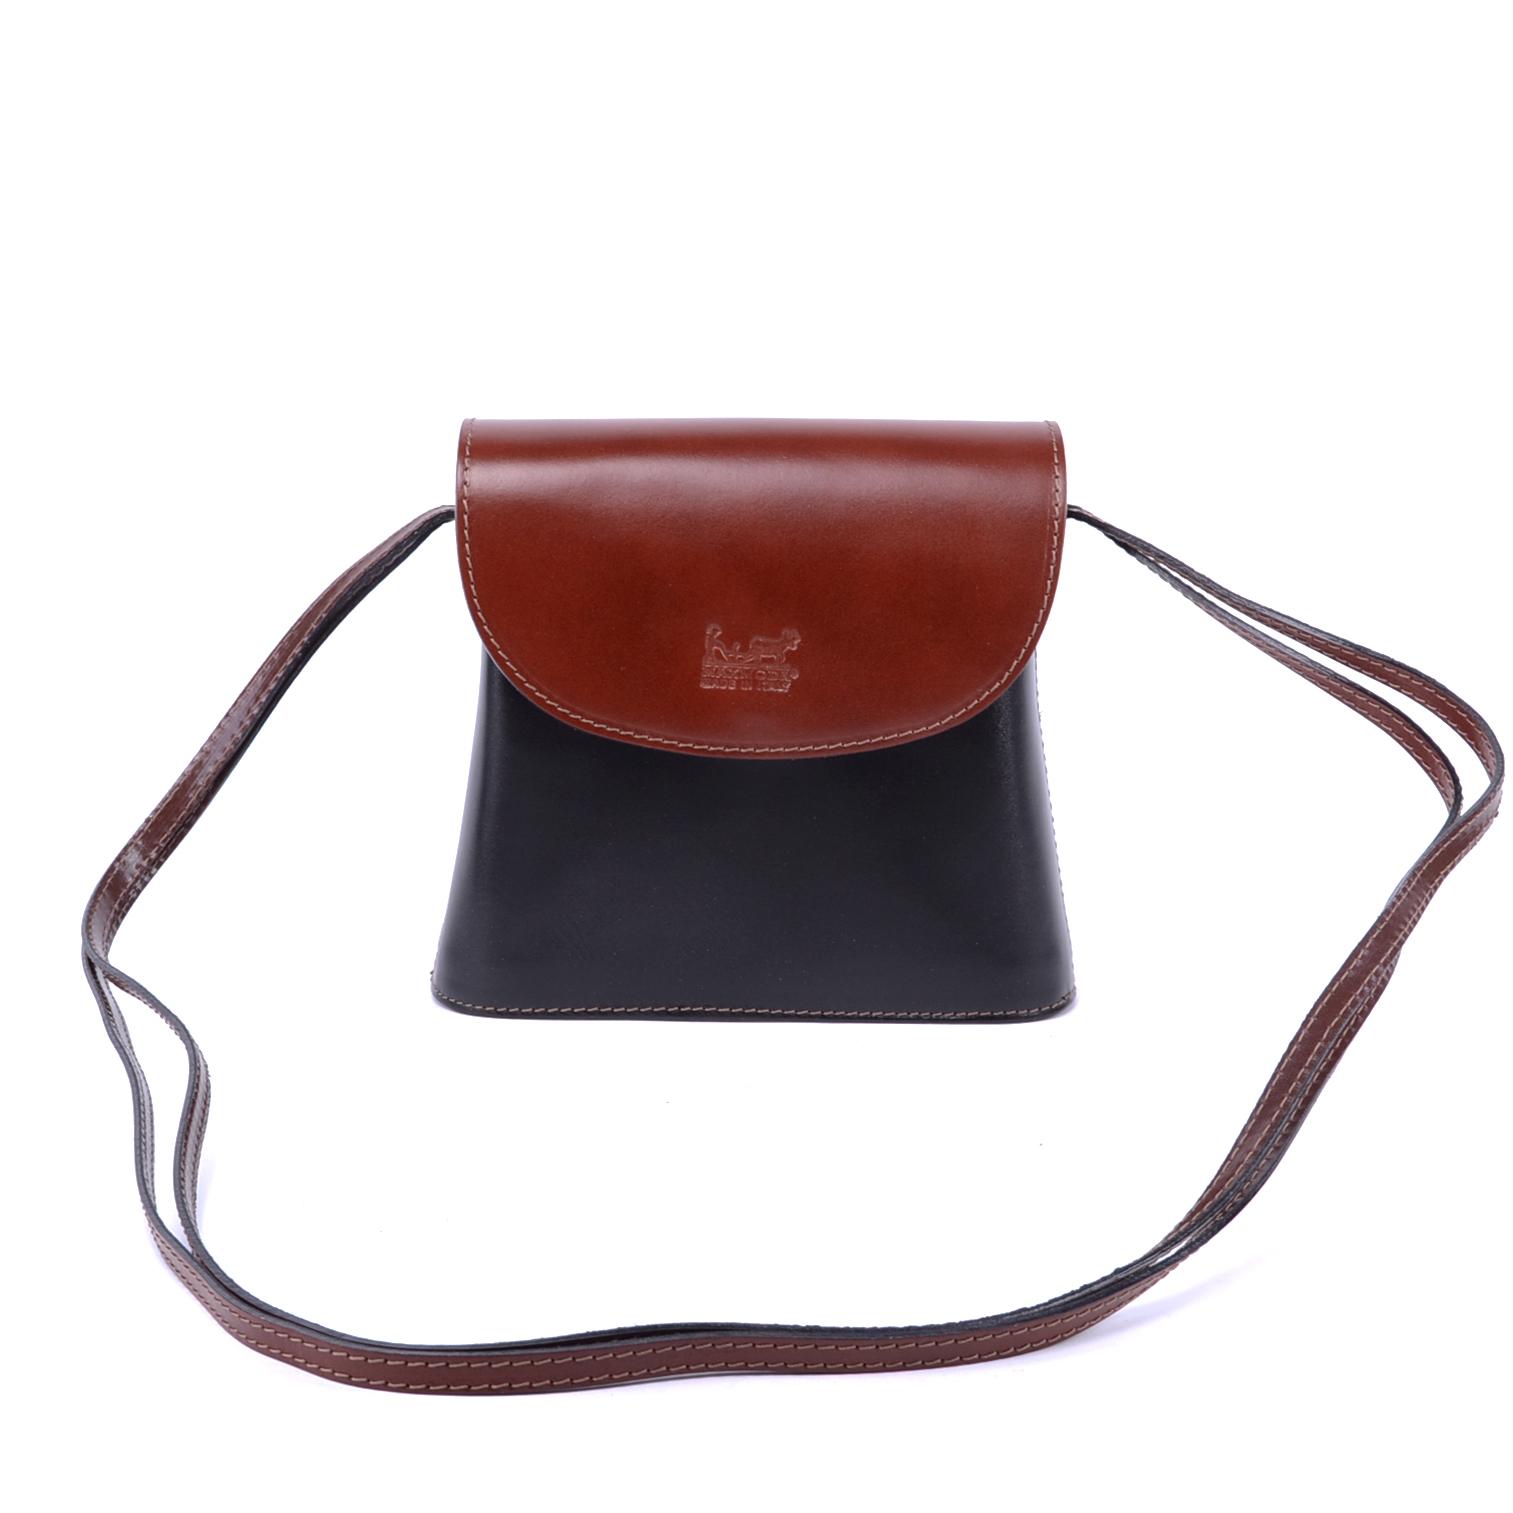 16d84c6f844f Maxmoda Kis Méretű Fekete-Barna Valódi Bőr Női Válltáska - VALÓDI BŐRTÁSKÁK  - Táska webáruház - Minőségi táskák mindenkinek